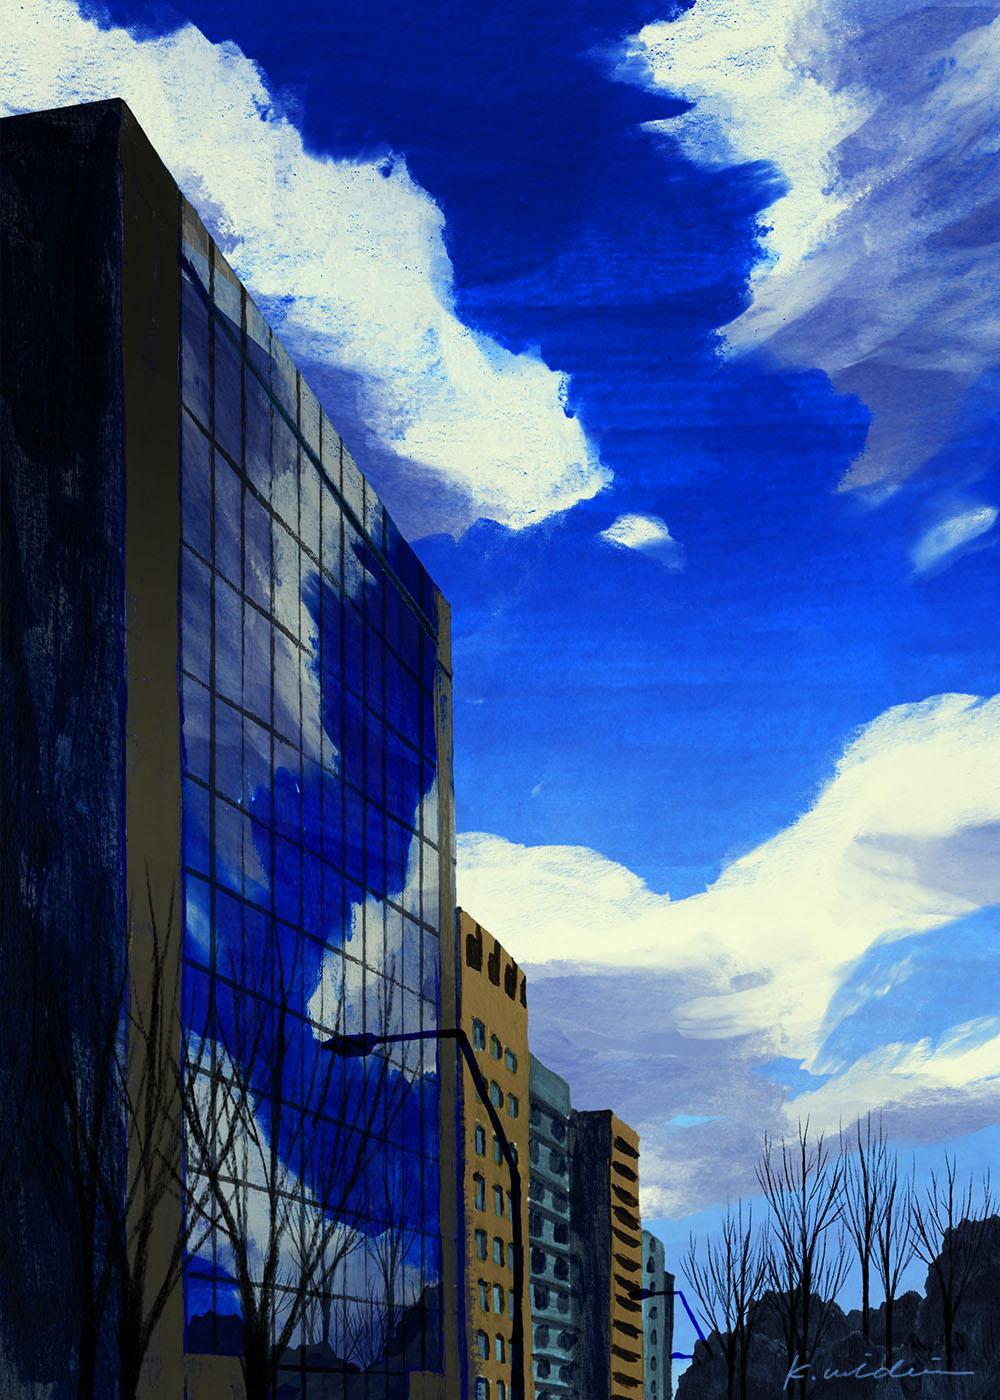 イラストレーション 風景 空 雲 ビル